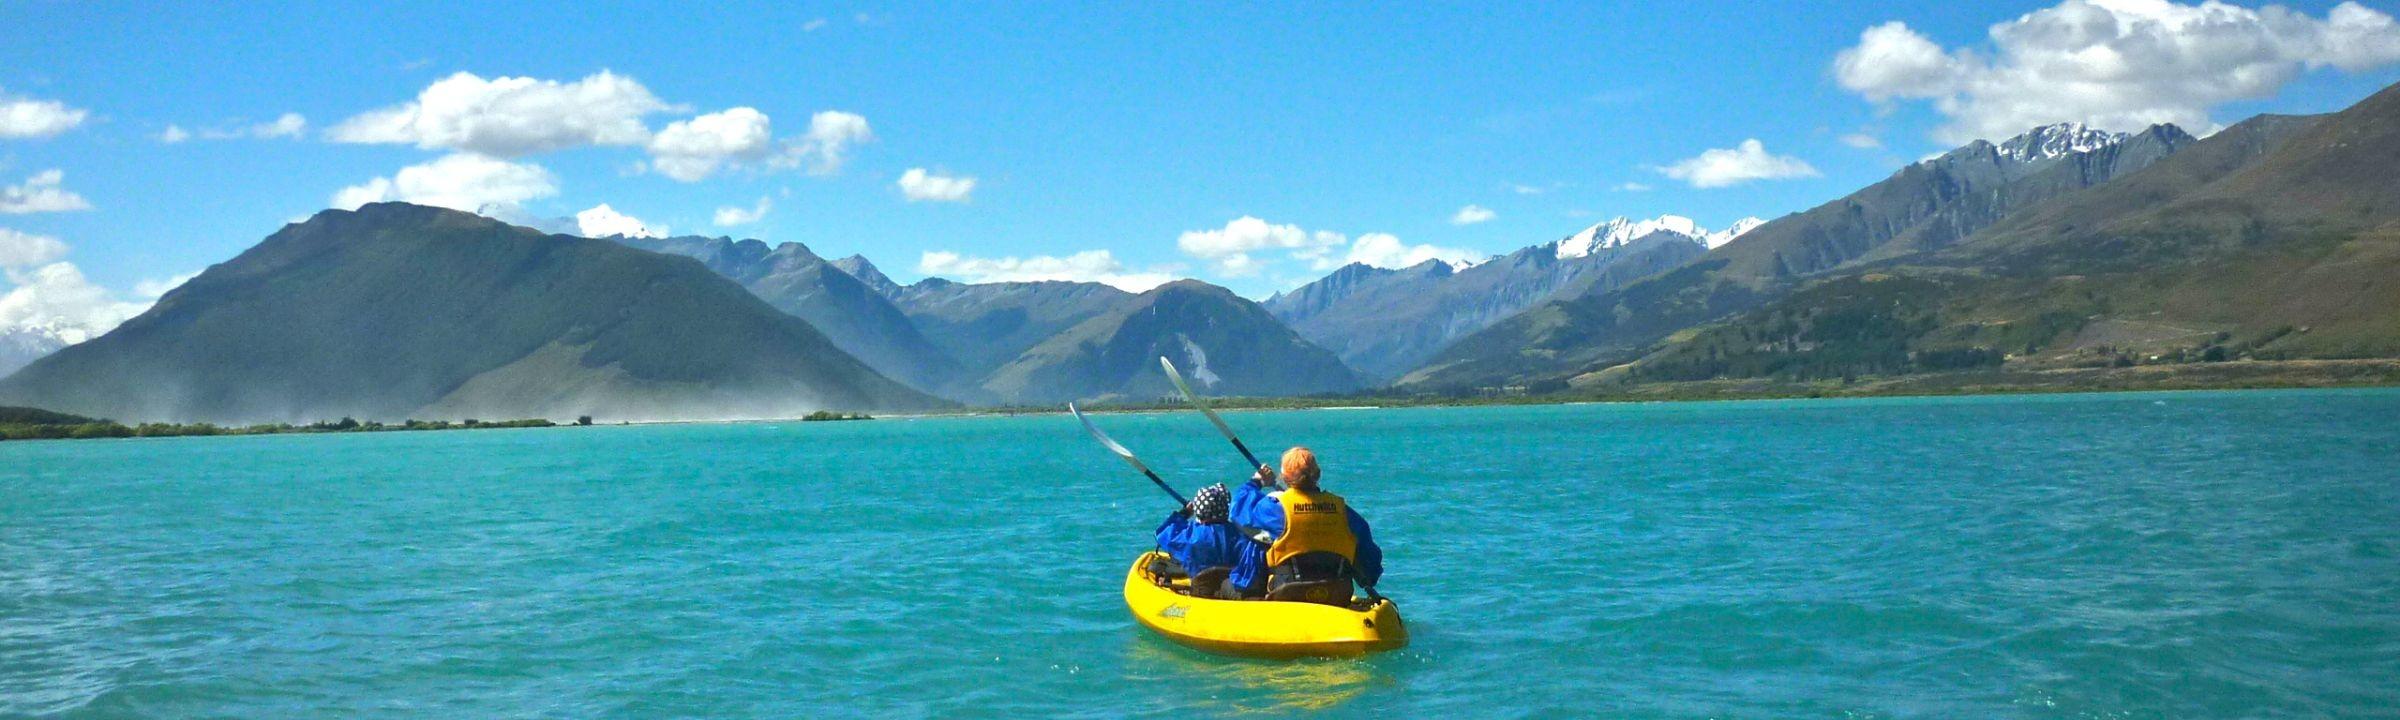 Kaja-Tour auf Lake Wakatipu Neuseeland erleben